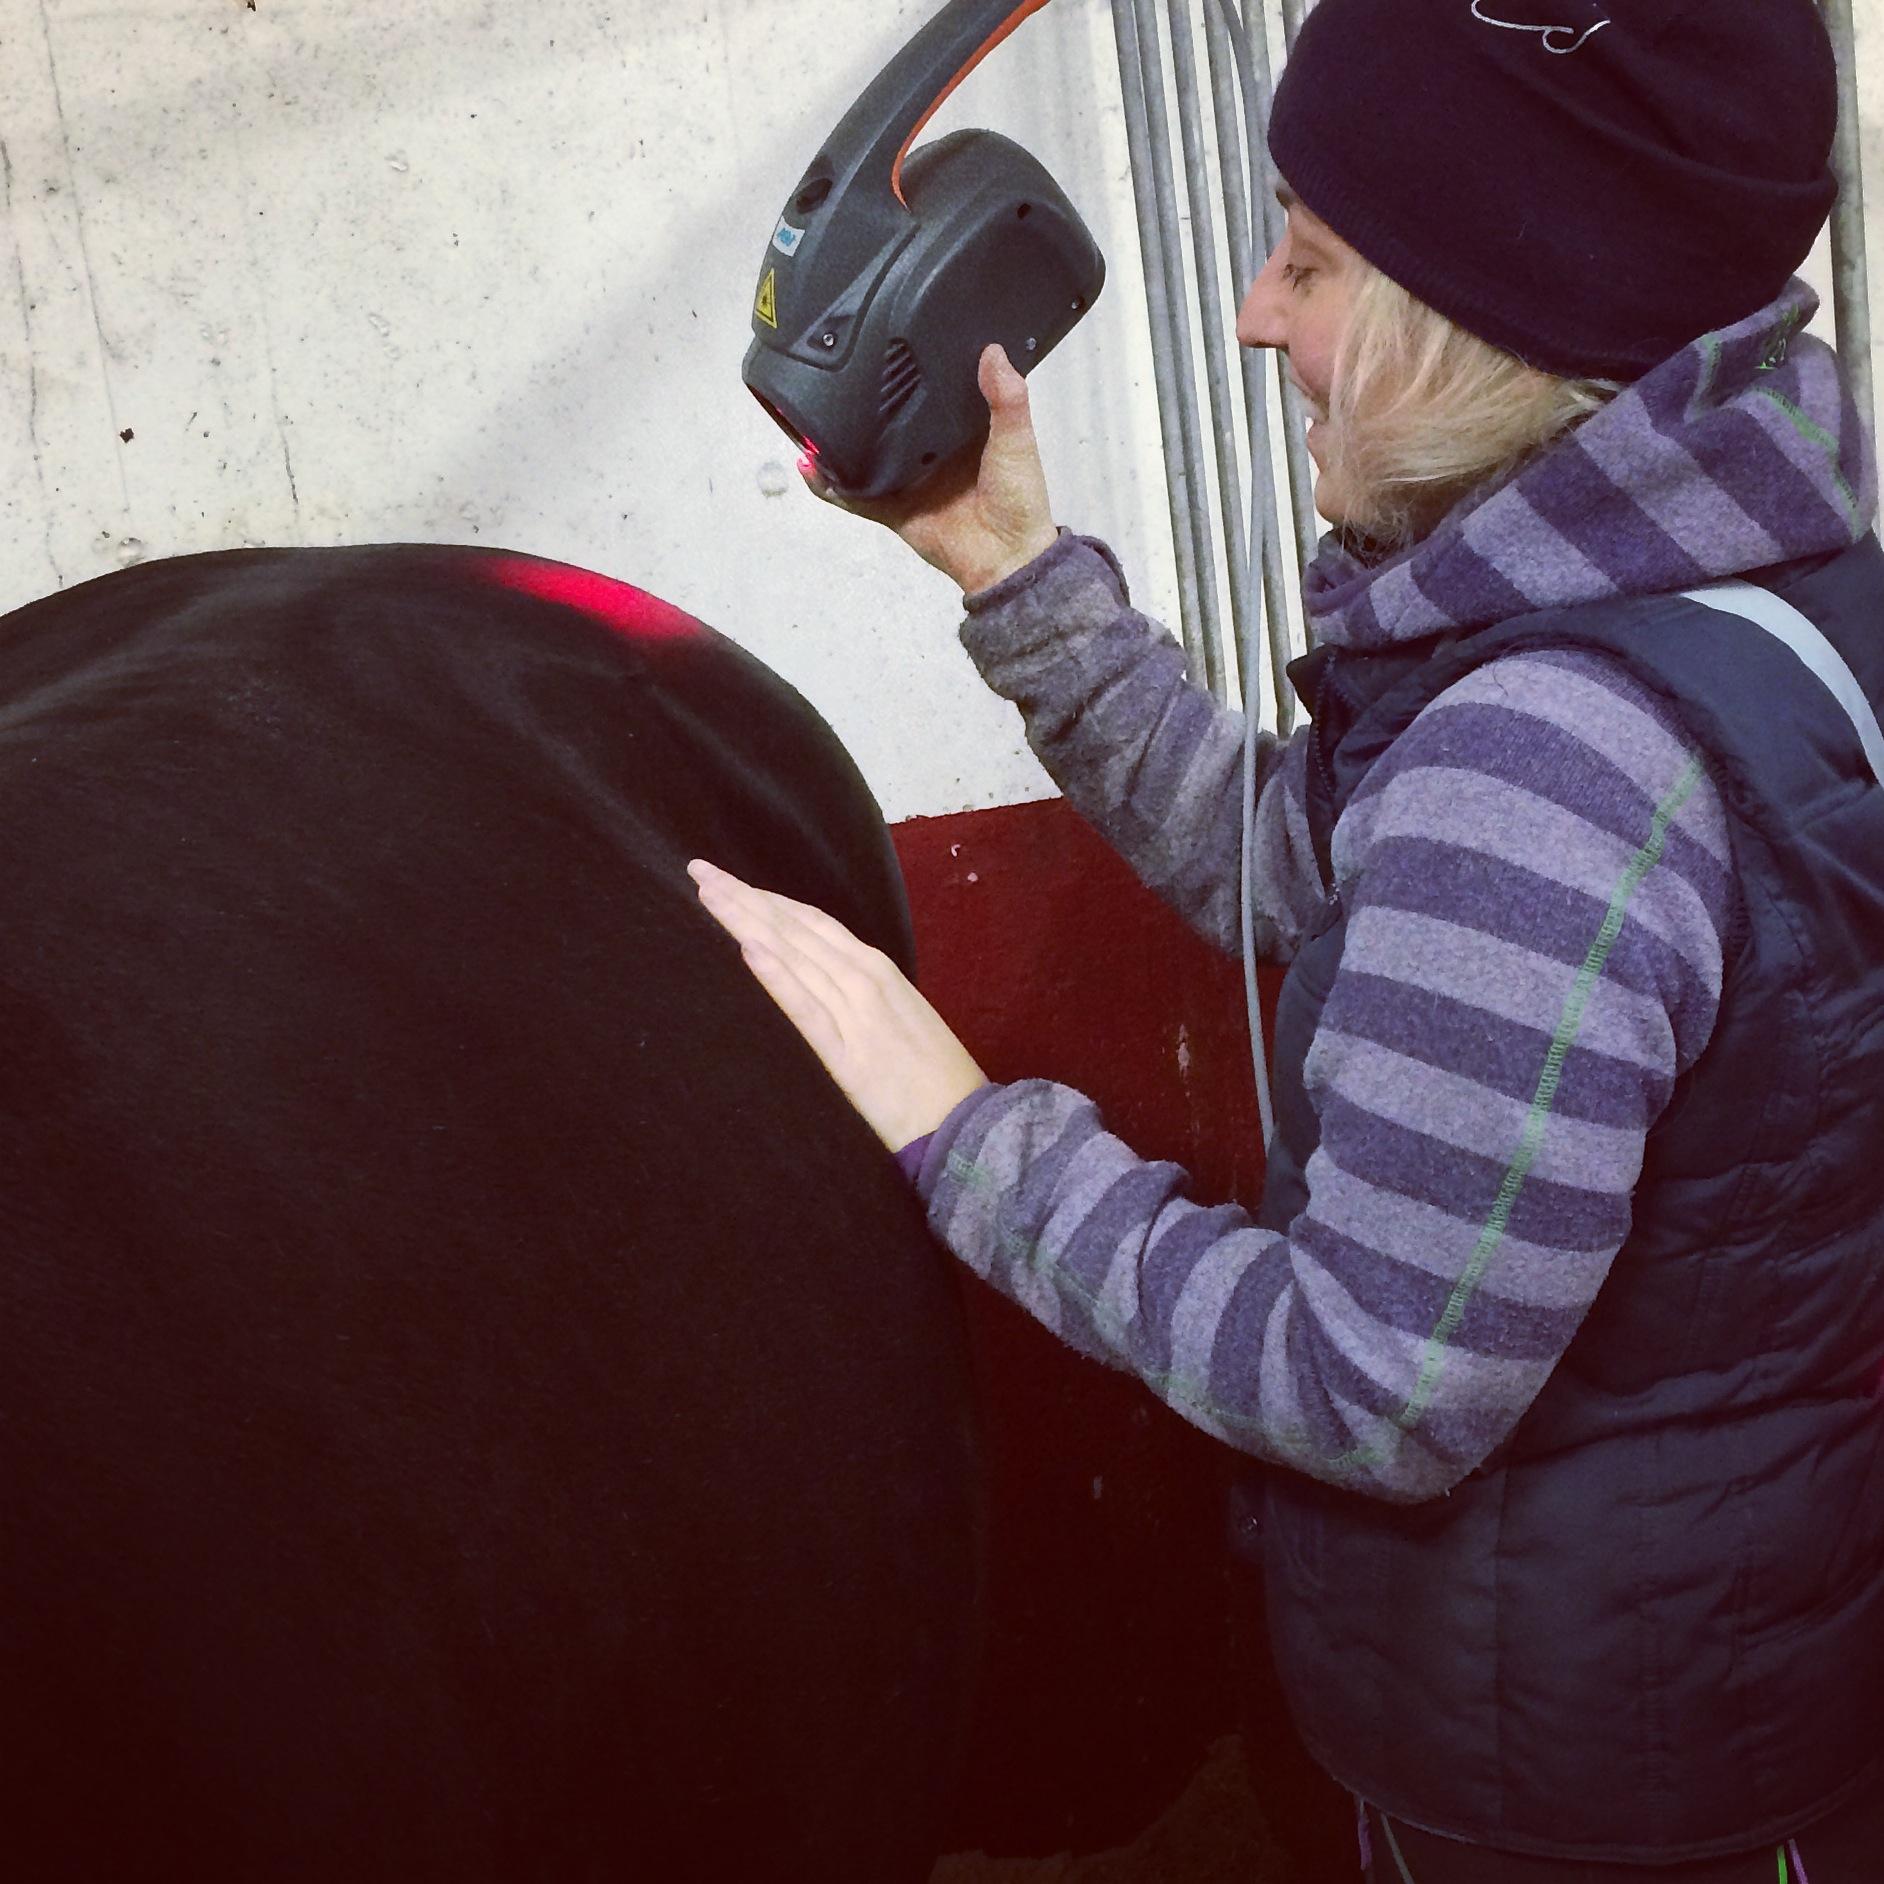 Trattamento di un cavallo con Mphi Equine Orange e il dispositivo Charlie Orange | Heidi Bye Svartangen